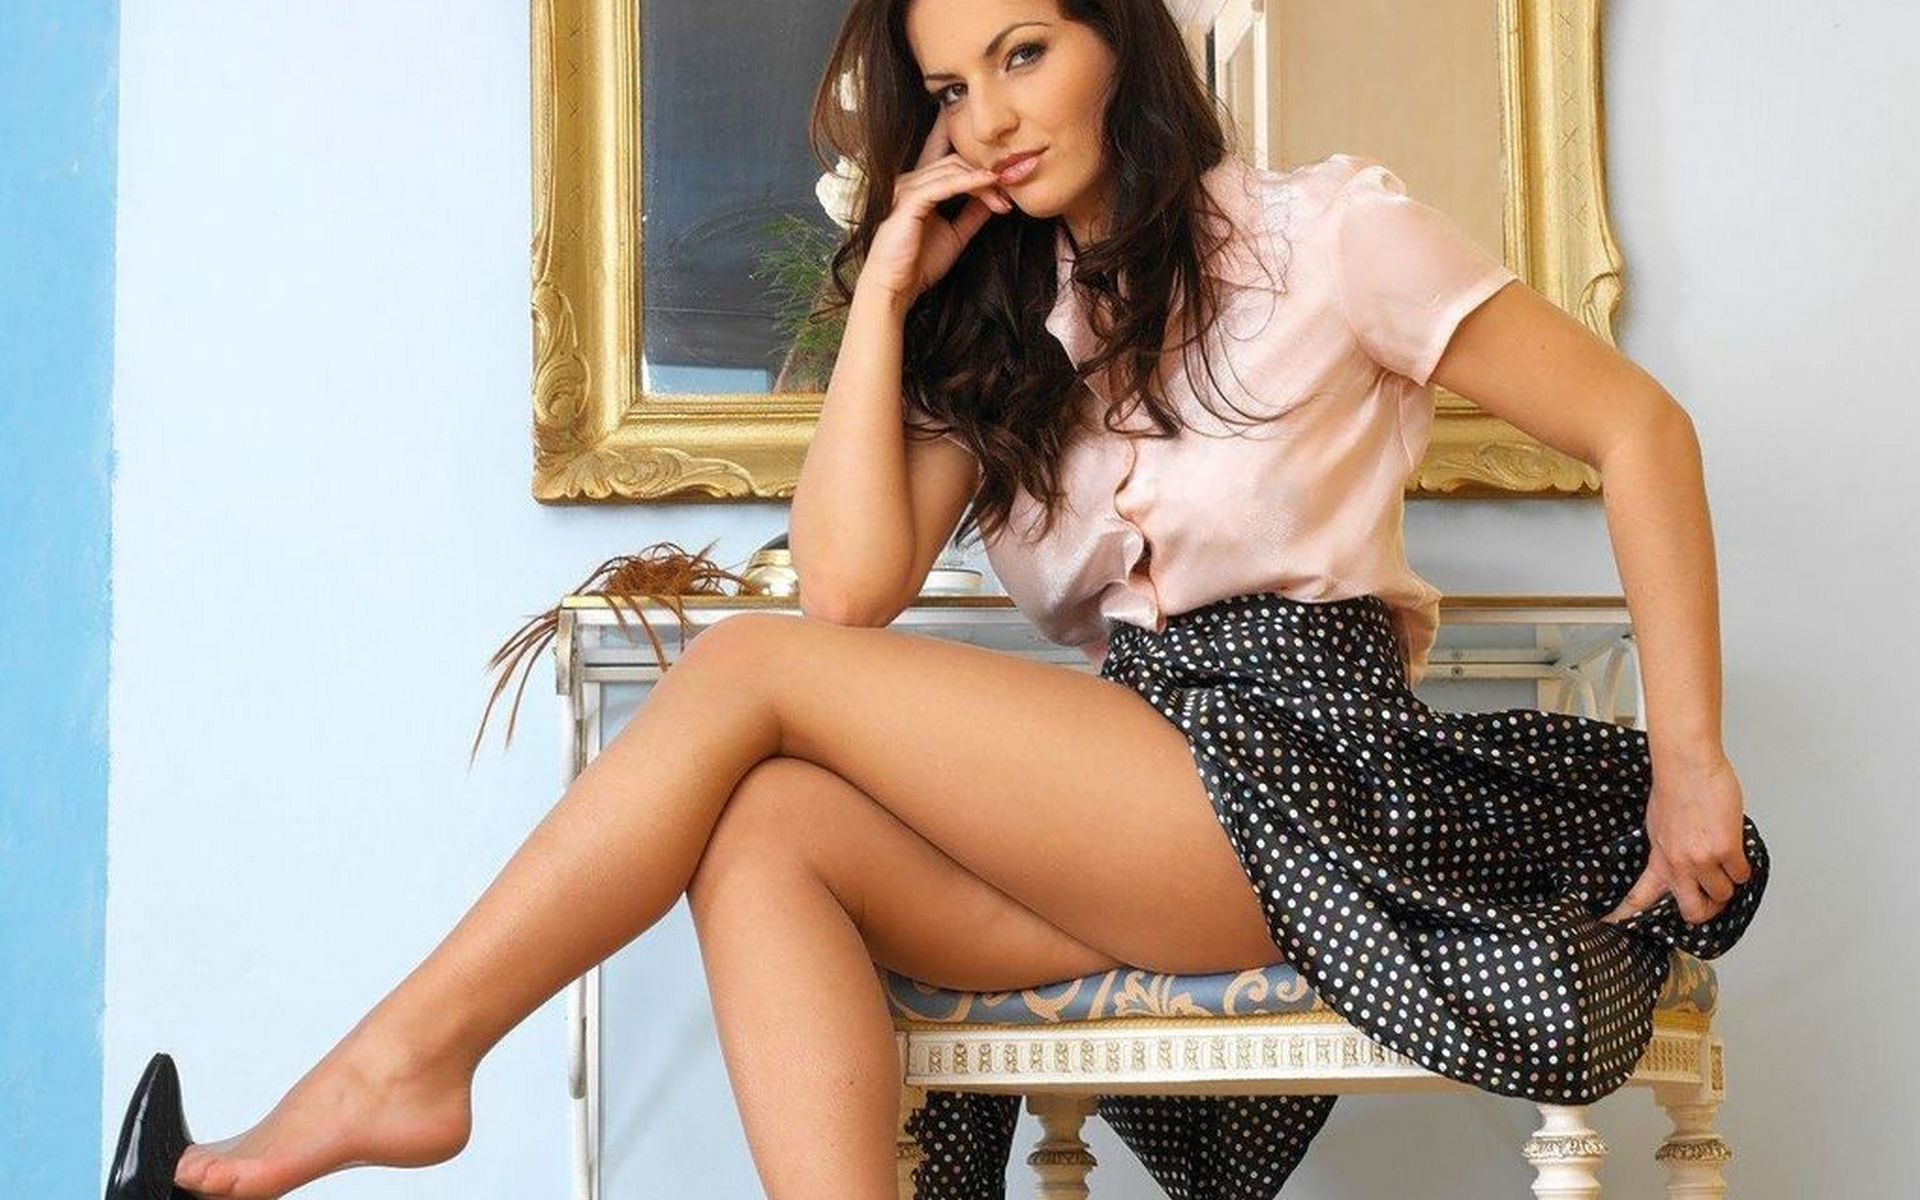 Секс в колготках в юбке сидит на коленках 5 фотография